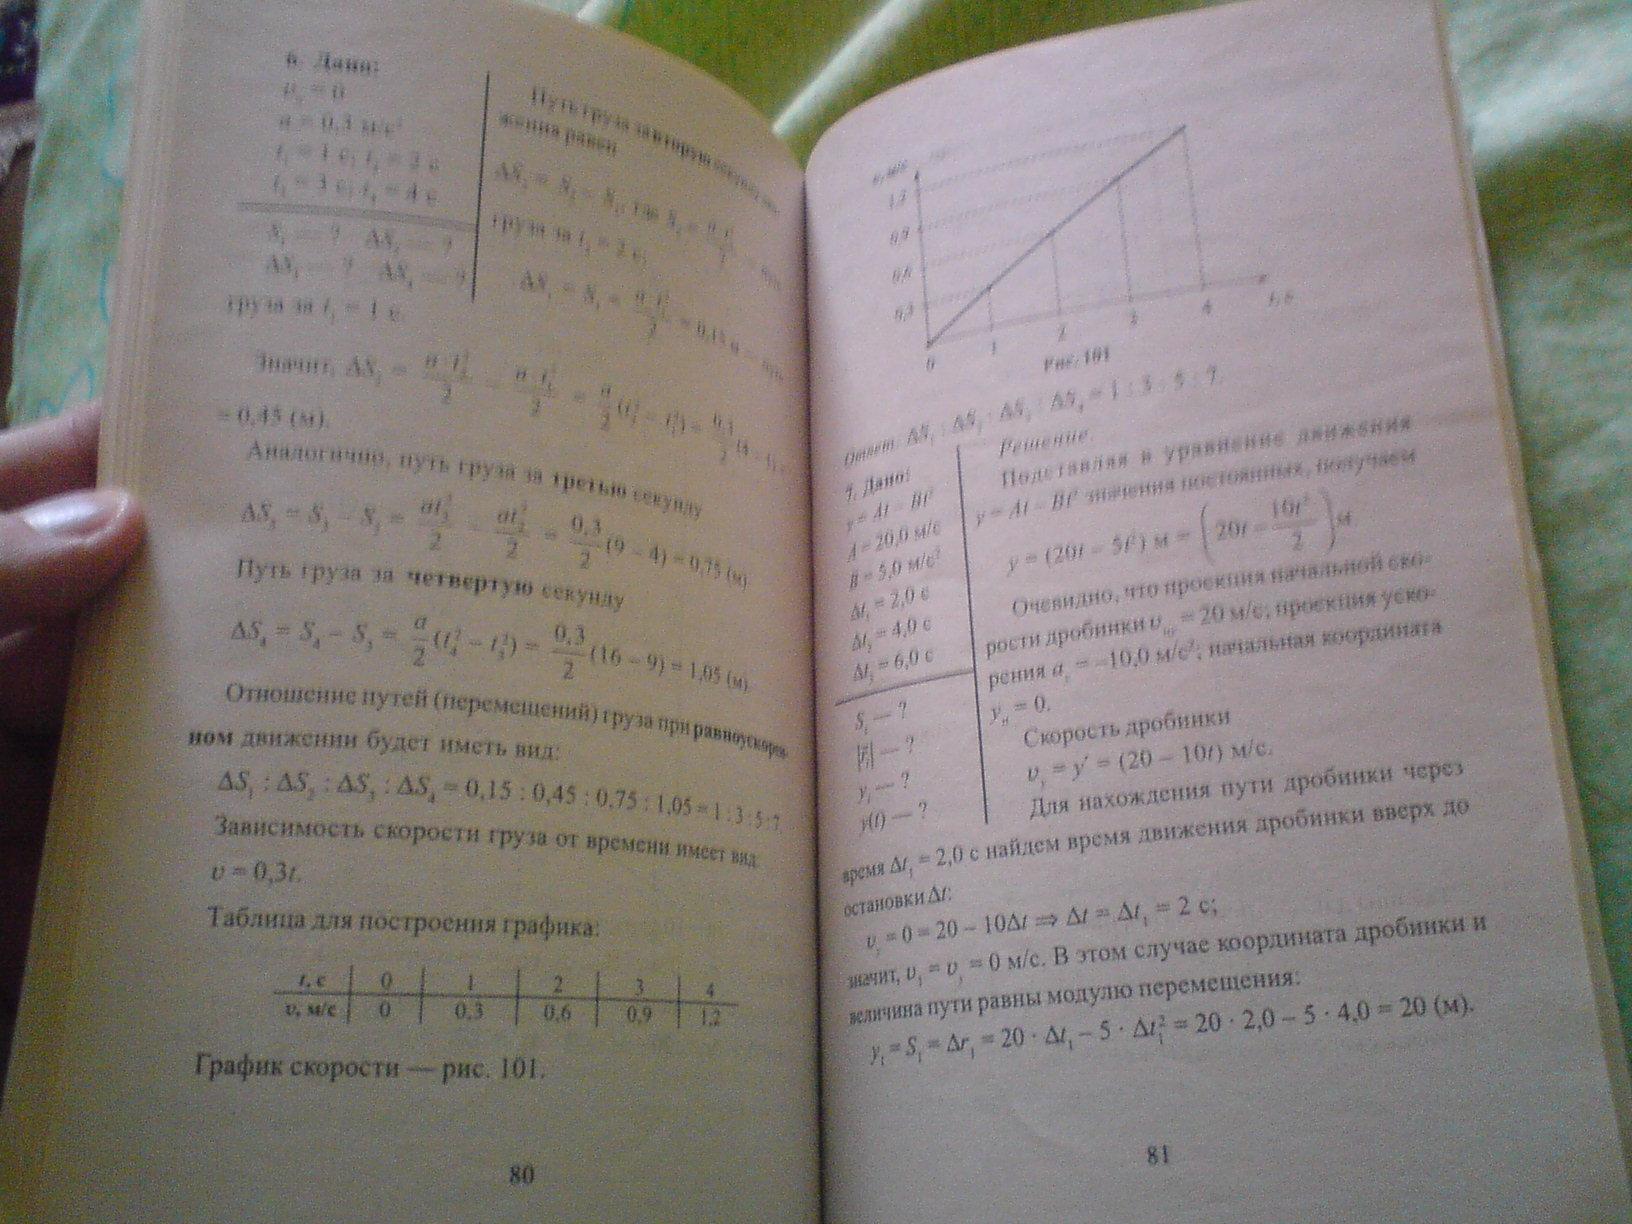 Решебник по физике 9 класс. Страница 45